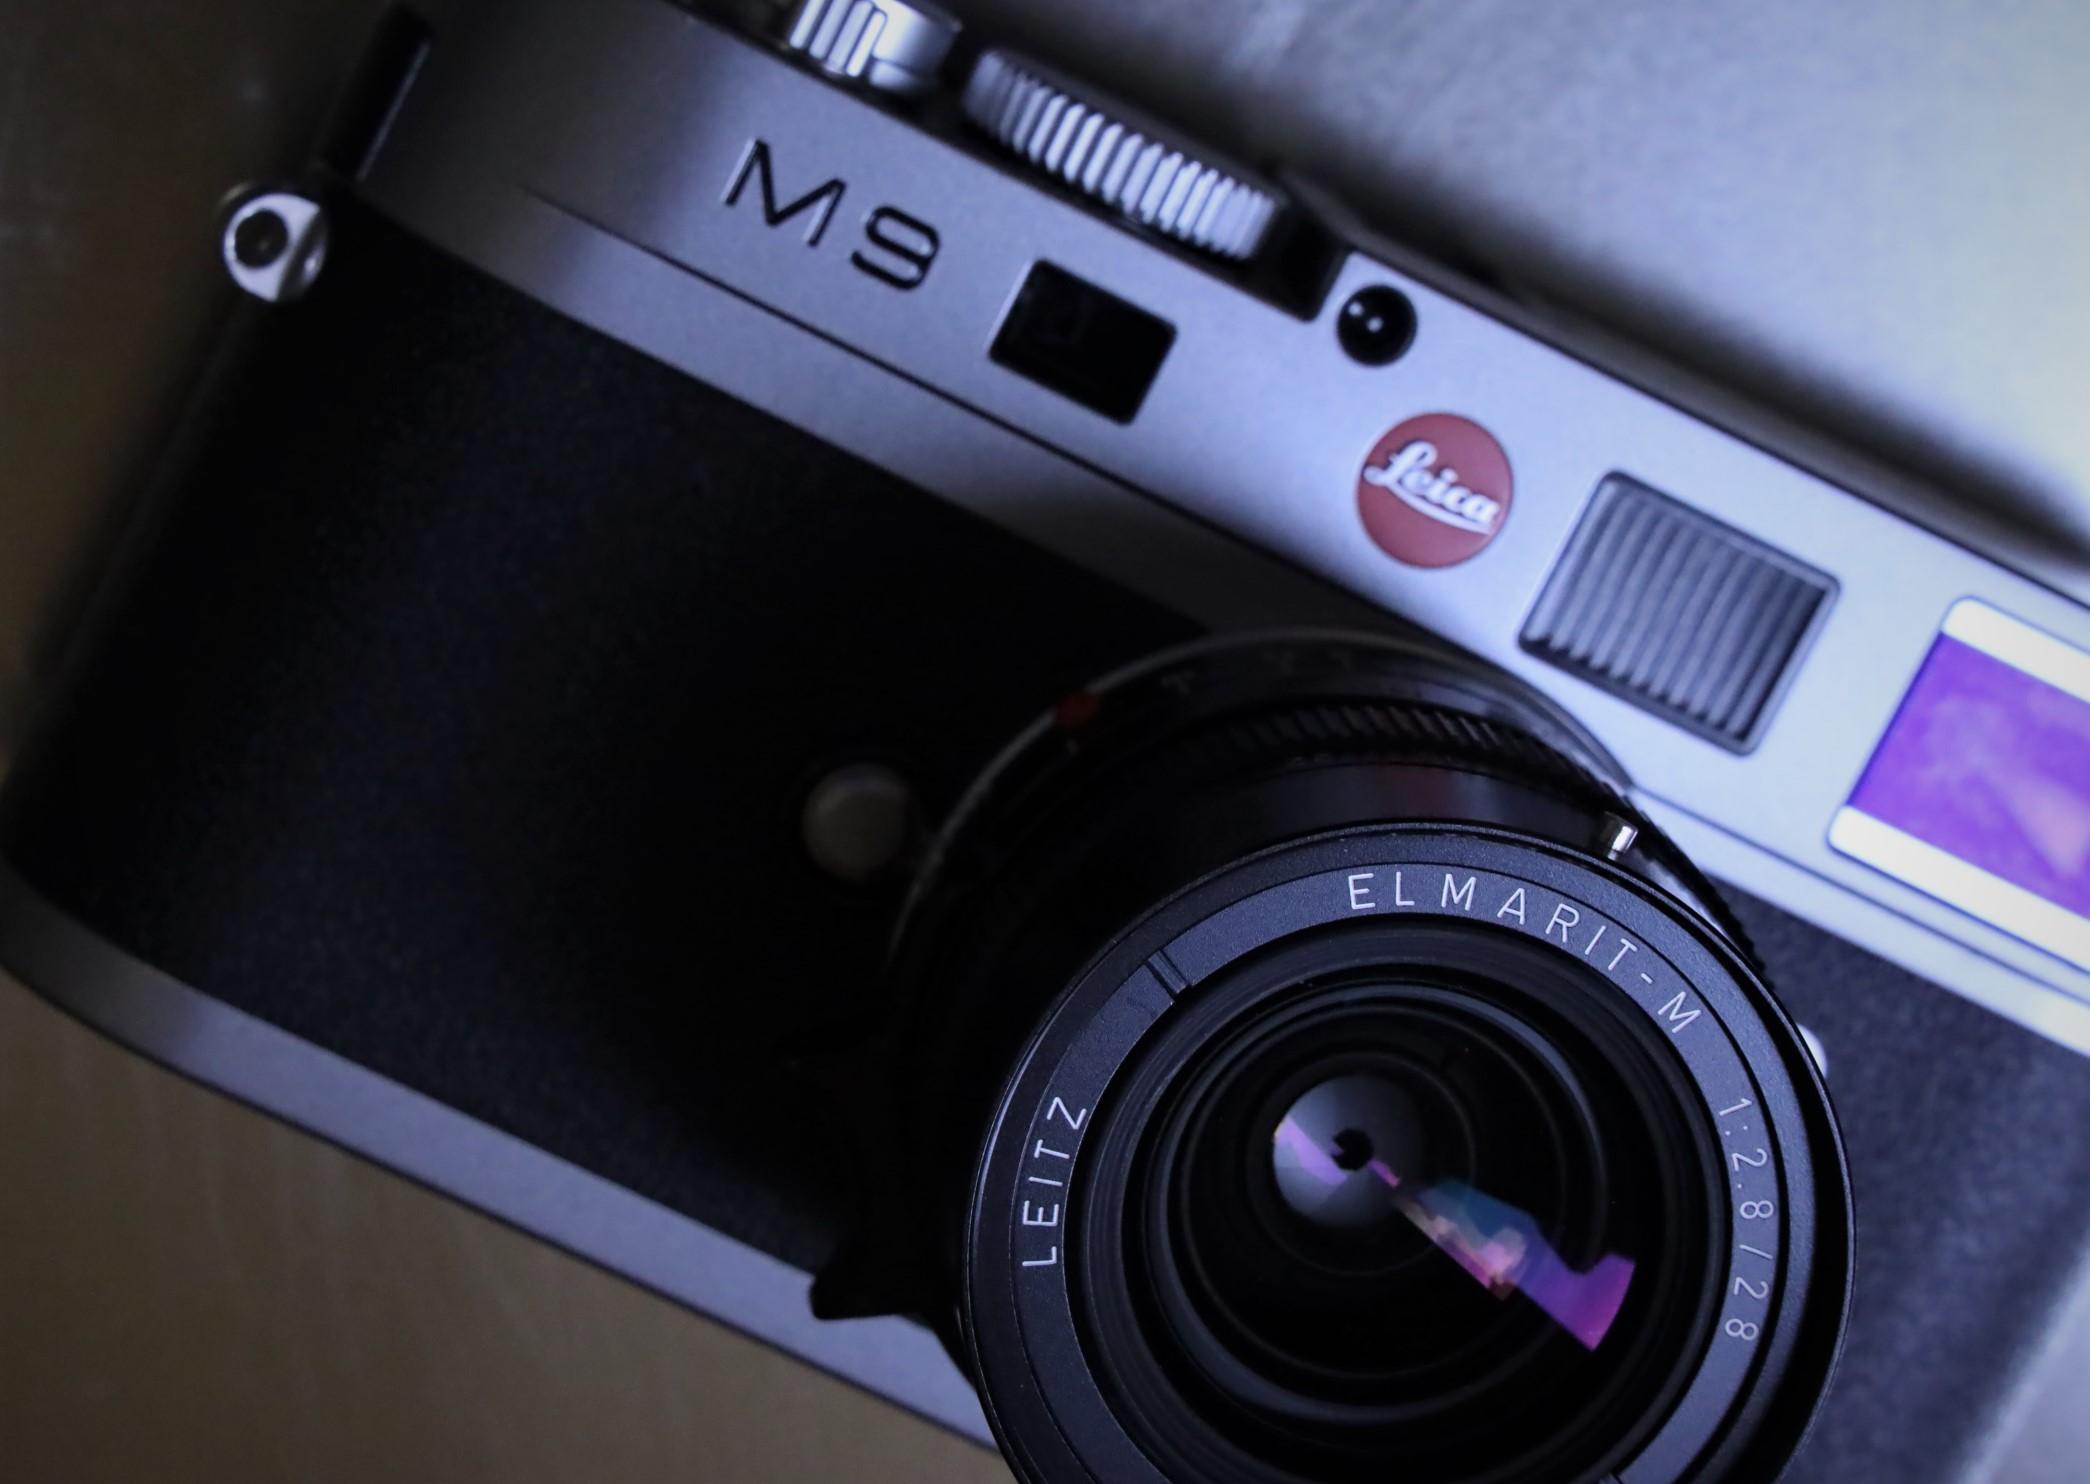 【このレンズが気になる】 Leica エルマリート M28mm F2.8 3rd